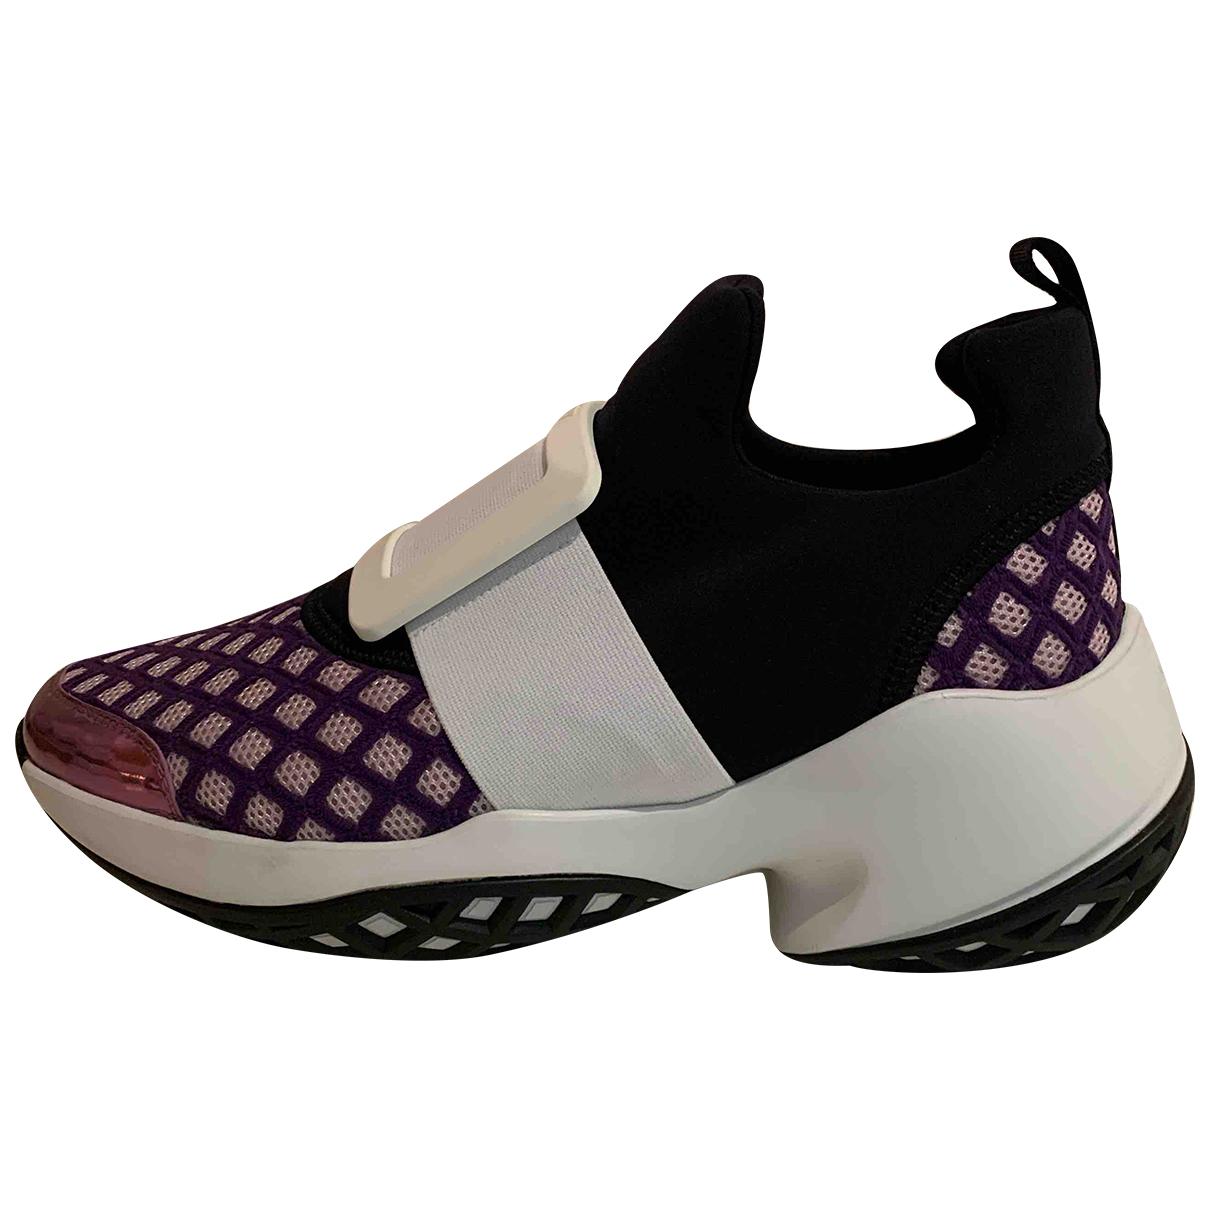 Roger Vivier - Baskets Sneaky Viv Tres Vivier pour femme en toile - violet